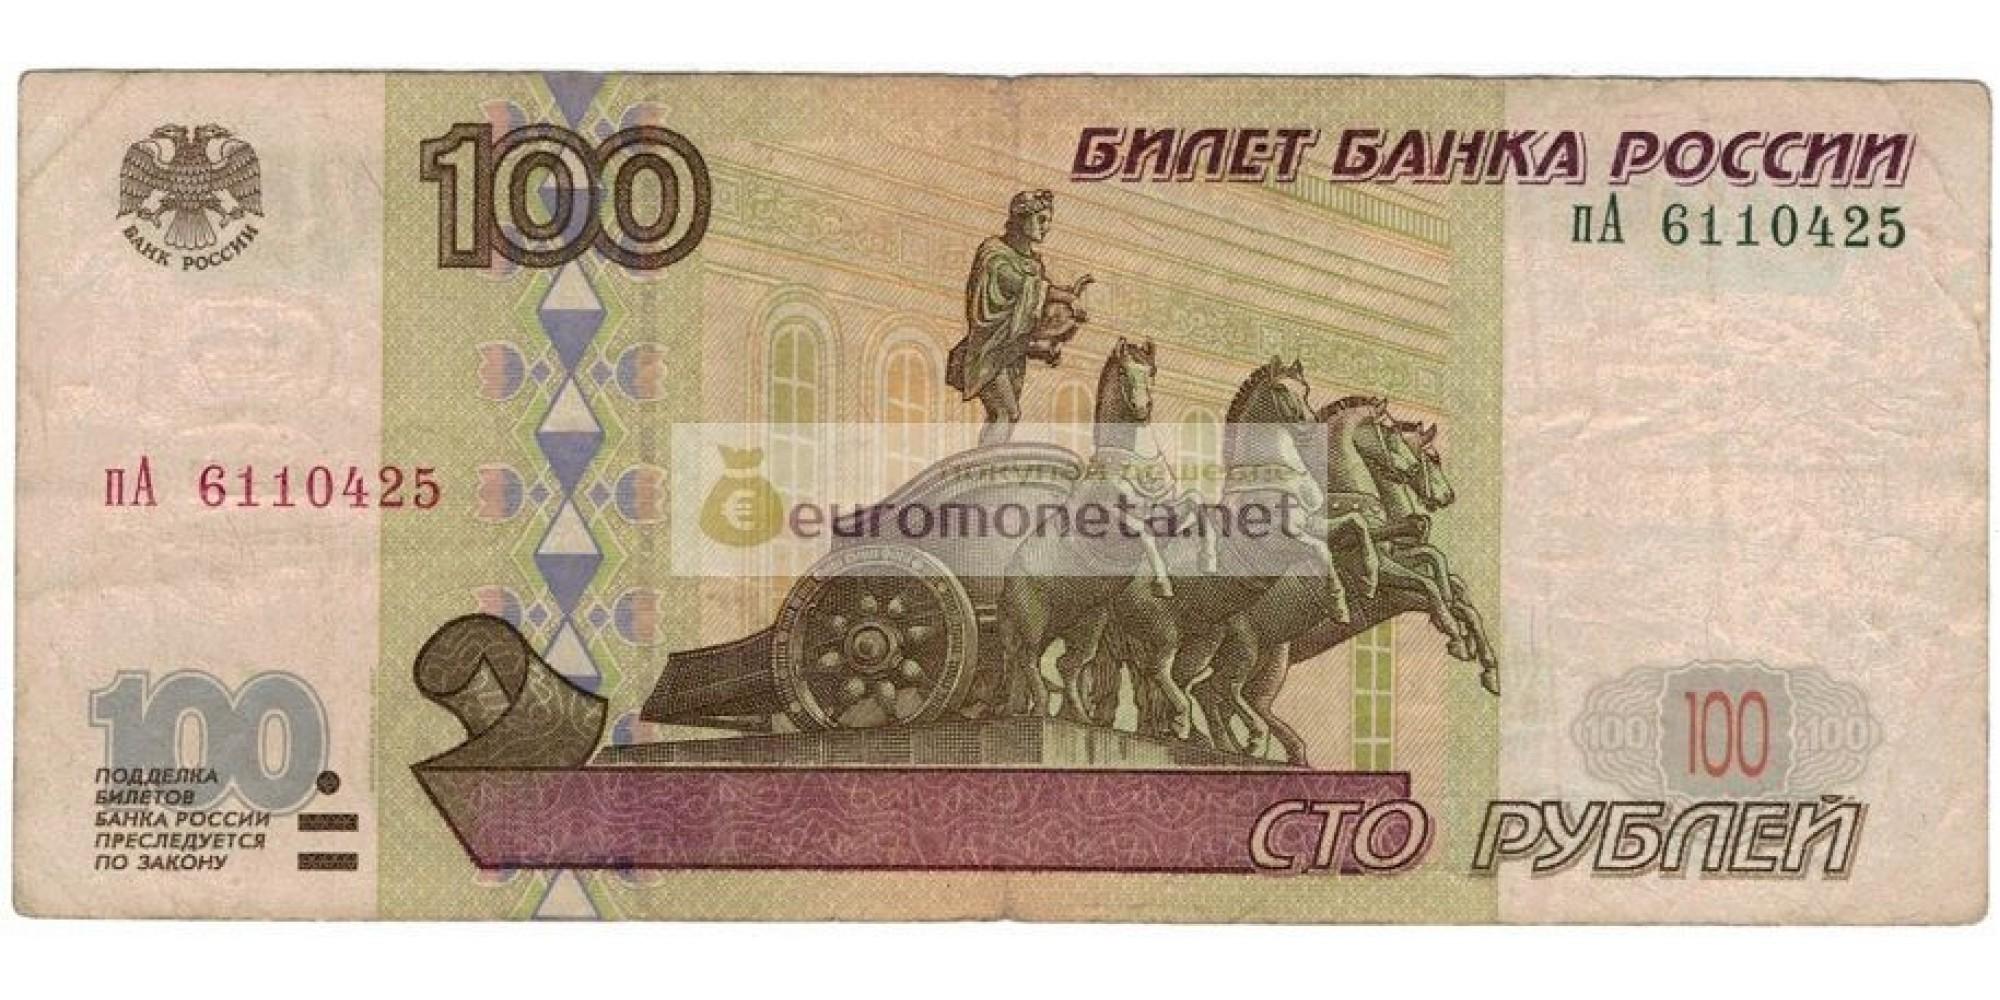 Россия 100 рублей 1997 год модификация 2001 год серия пА 6110425